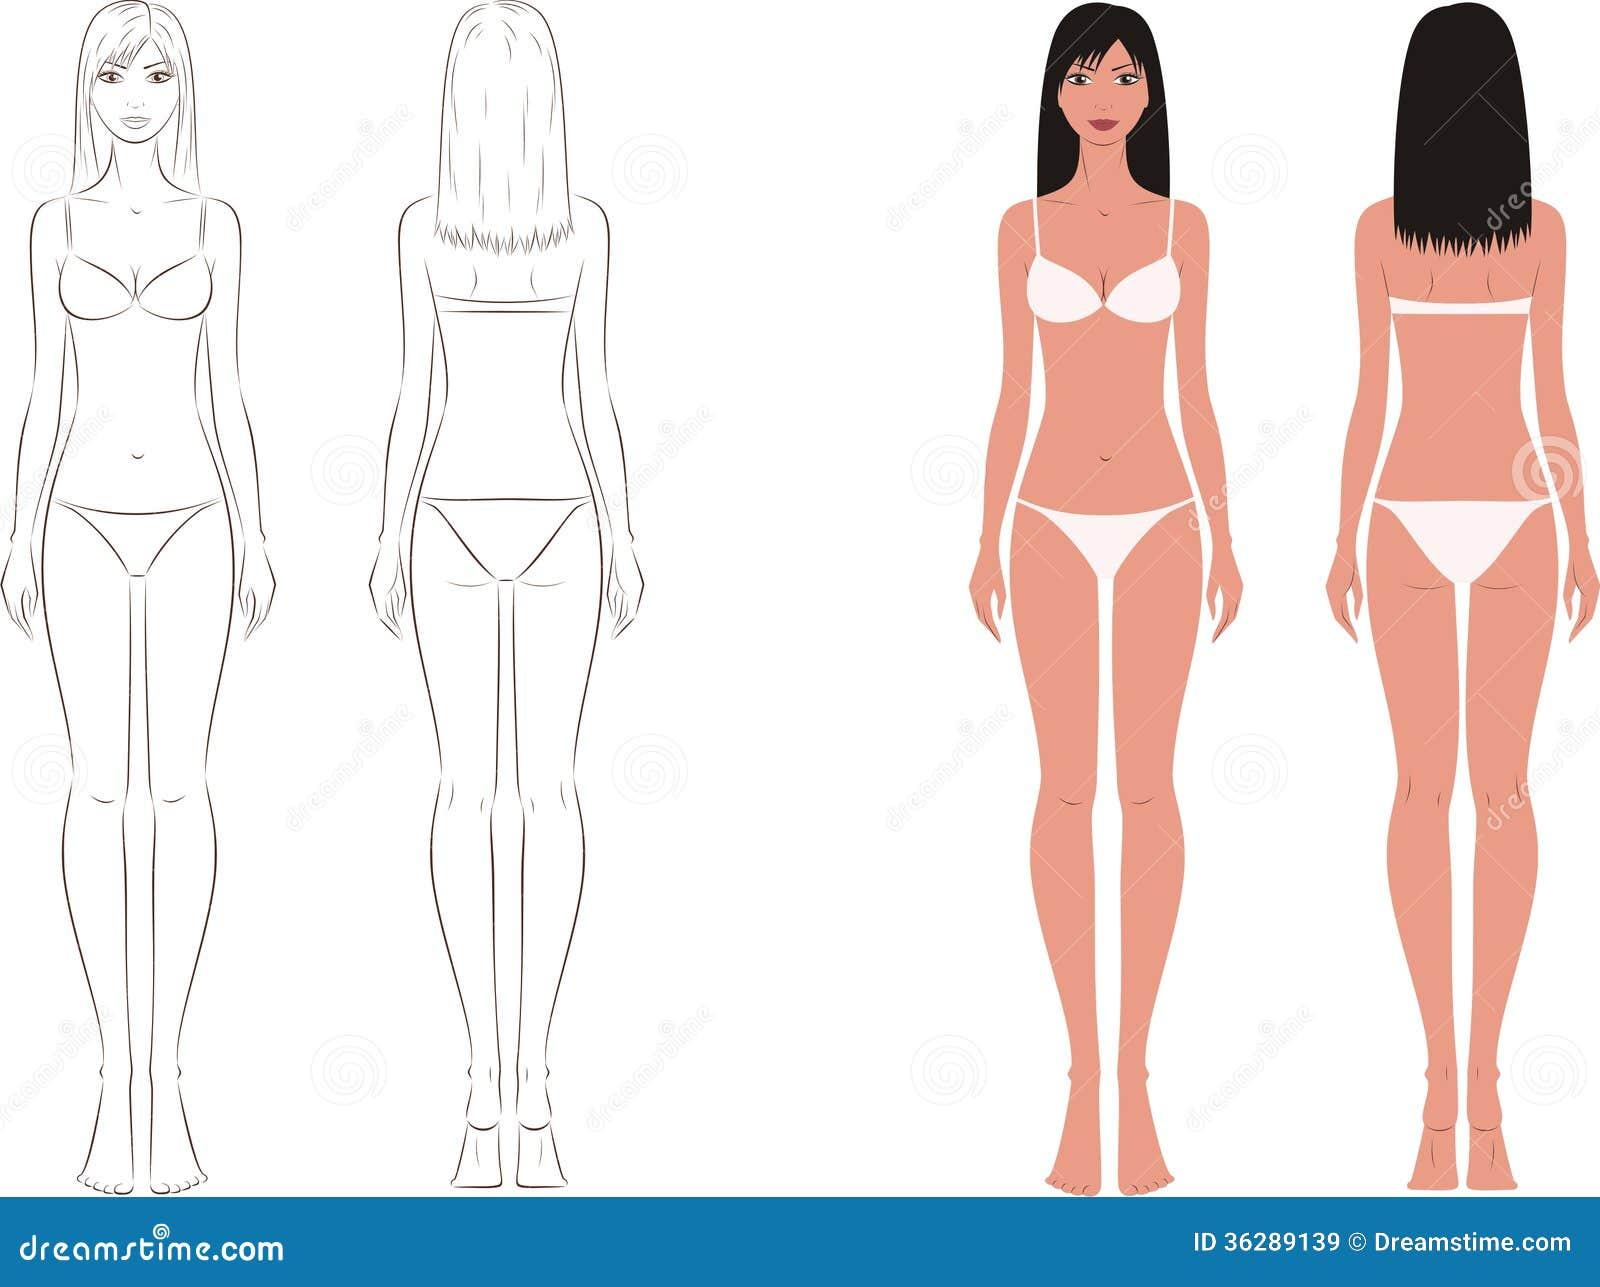 Схемы для рисования женского тела